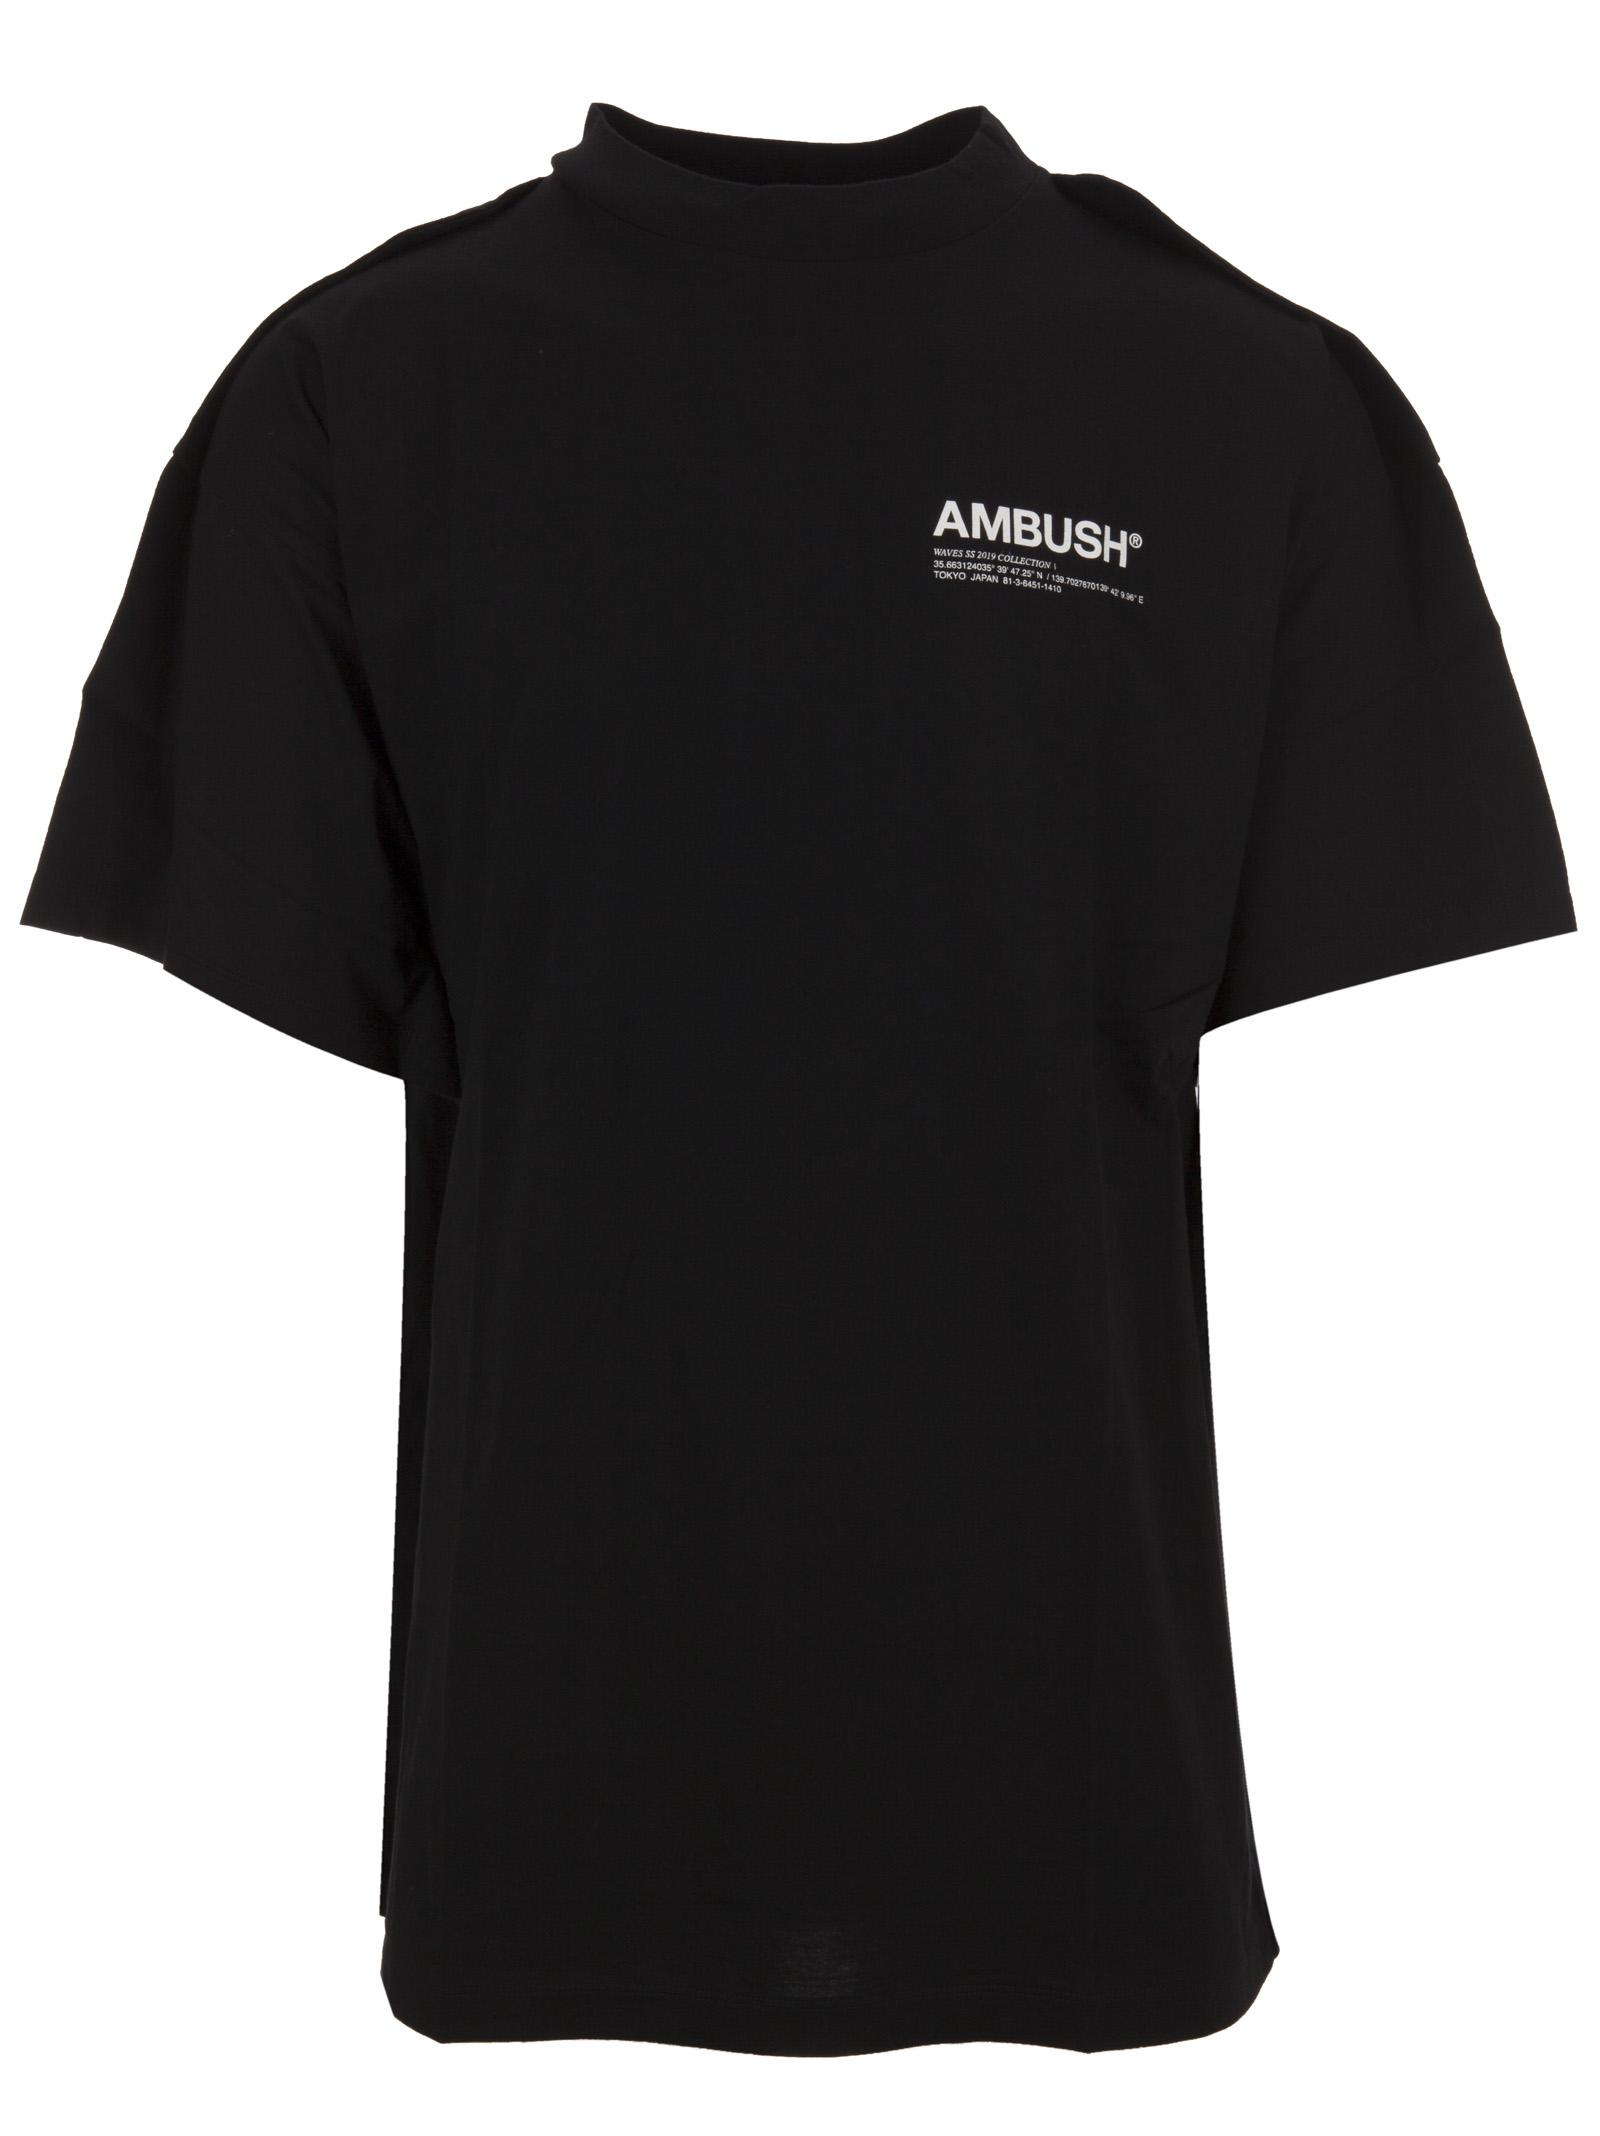 910d56f230b577 Ambush t-shirt - Ambush - Michele Franzese Moda